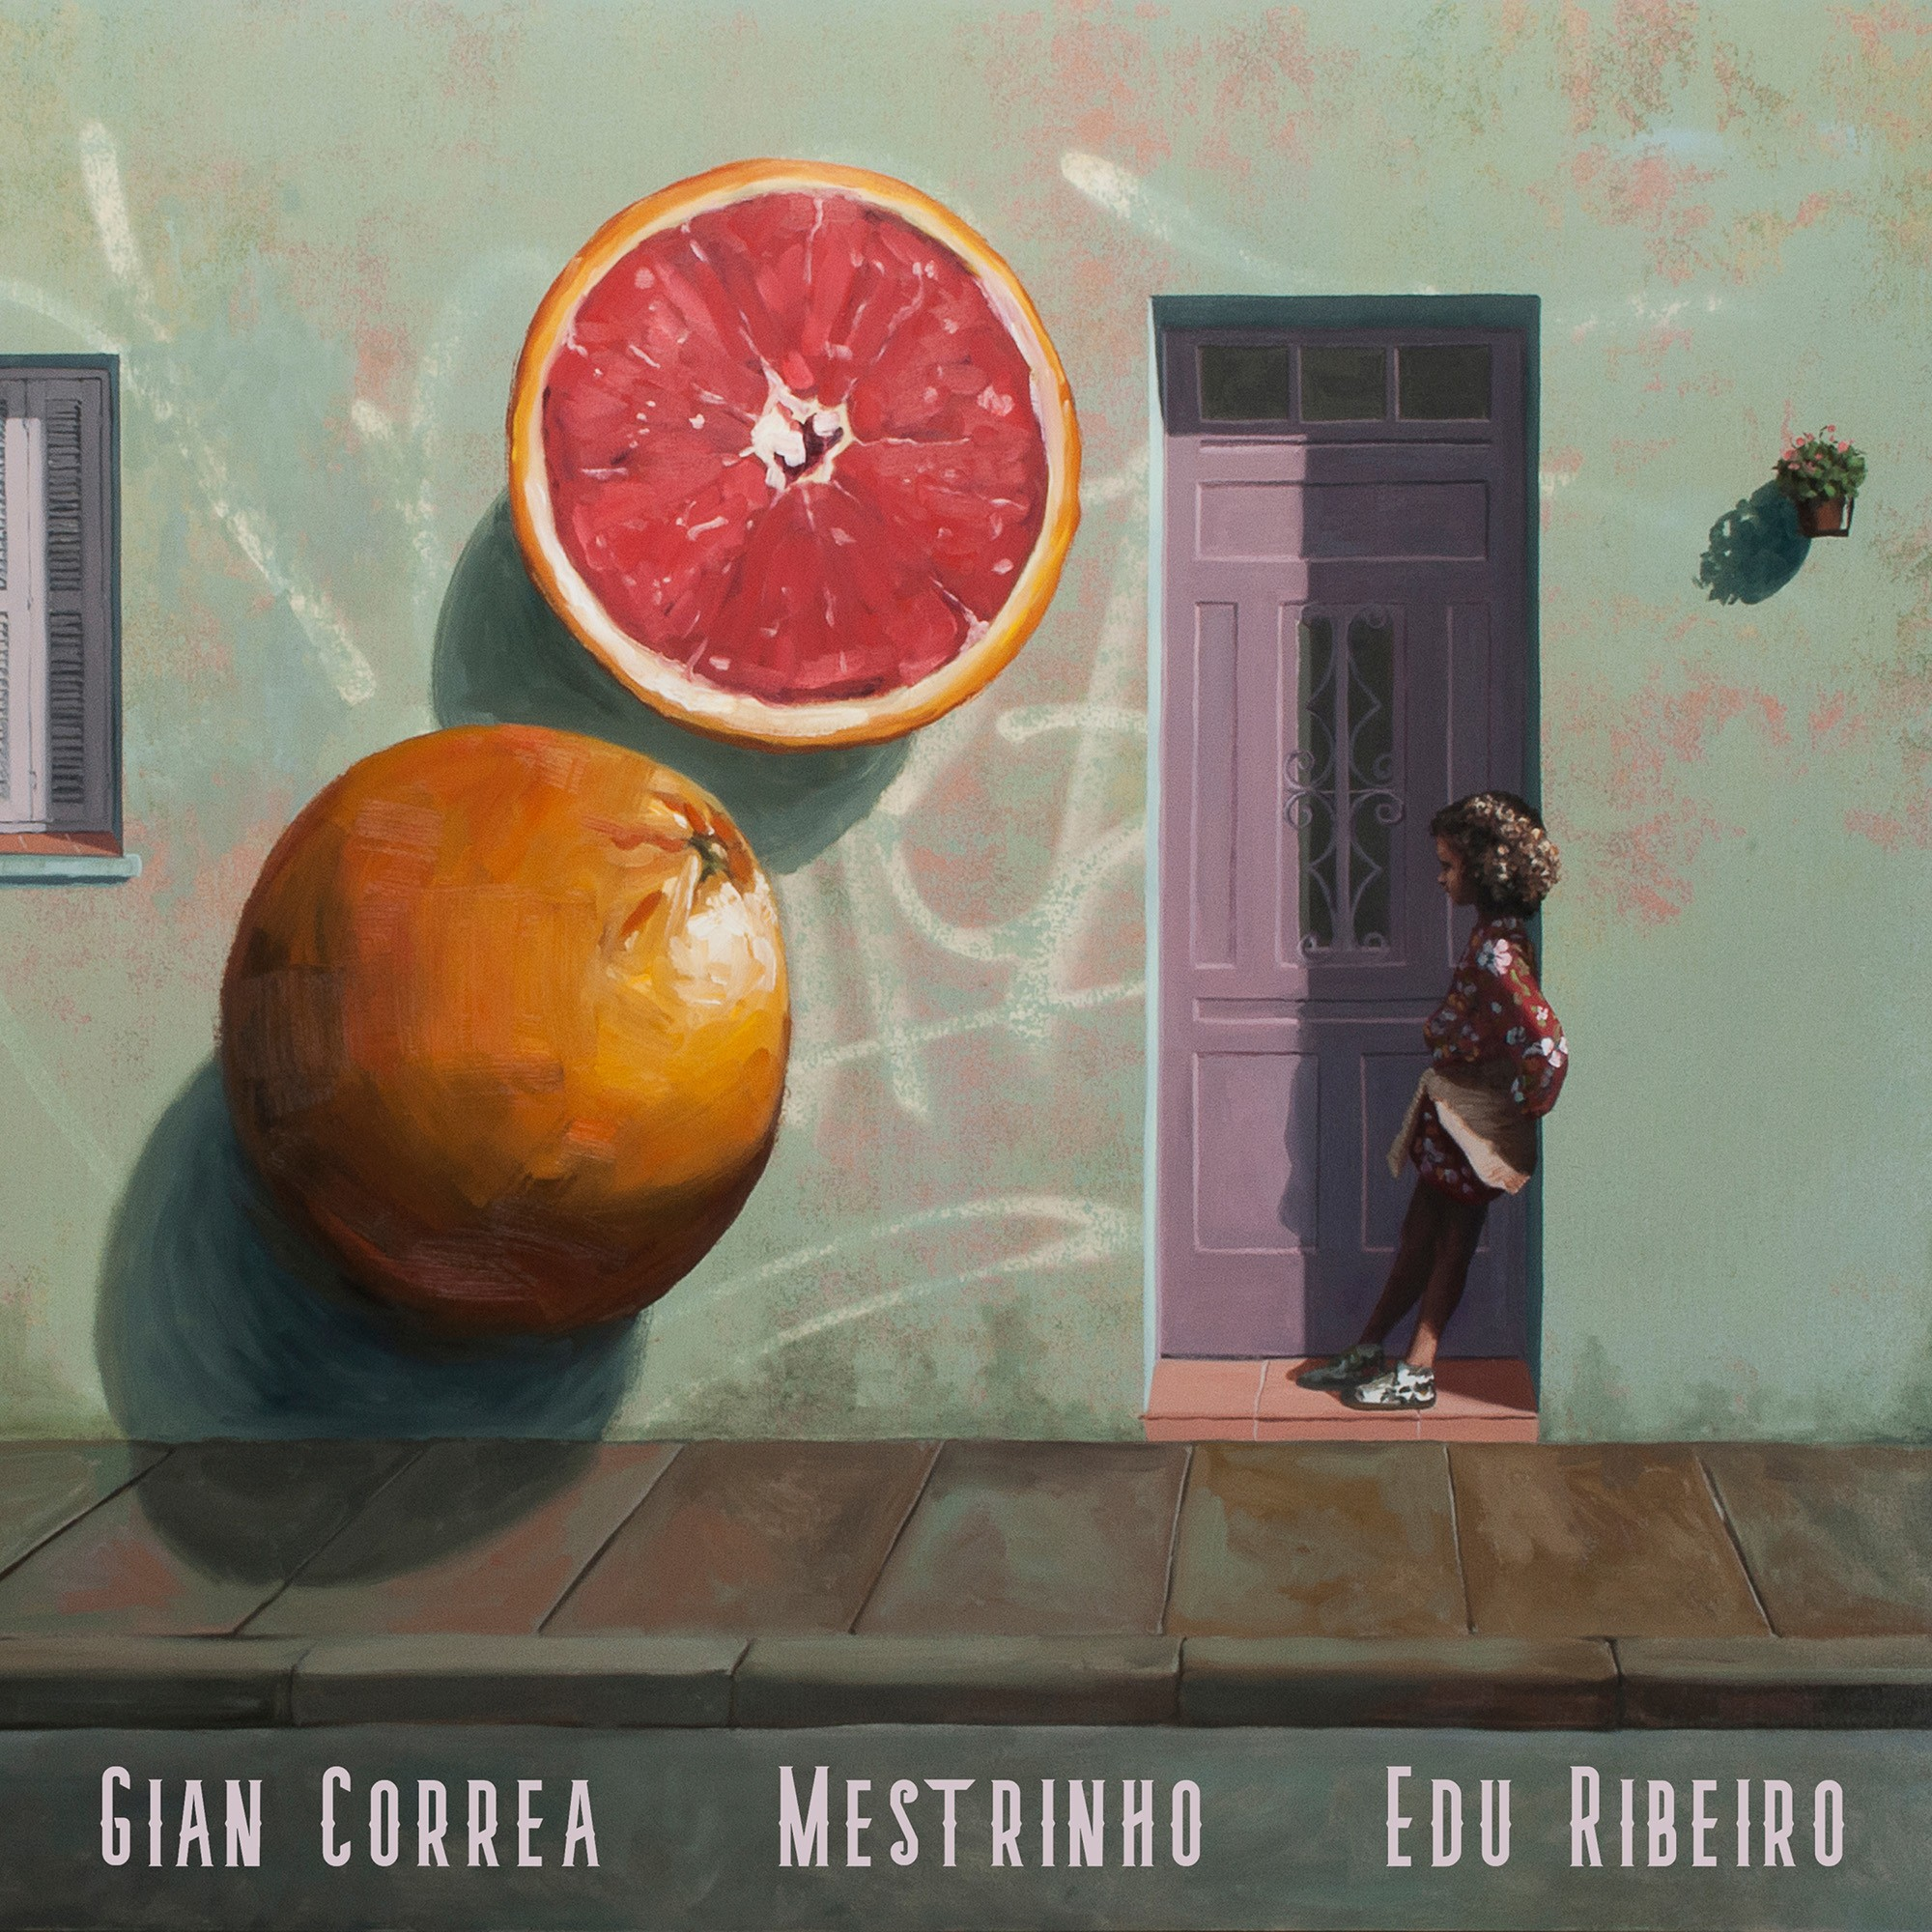 Músicos Gian Correa, Mestrinho e Edu Ribeiro formam trio para esmerilhar o choro com jazz